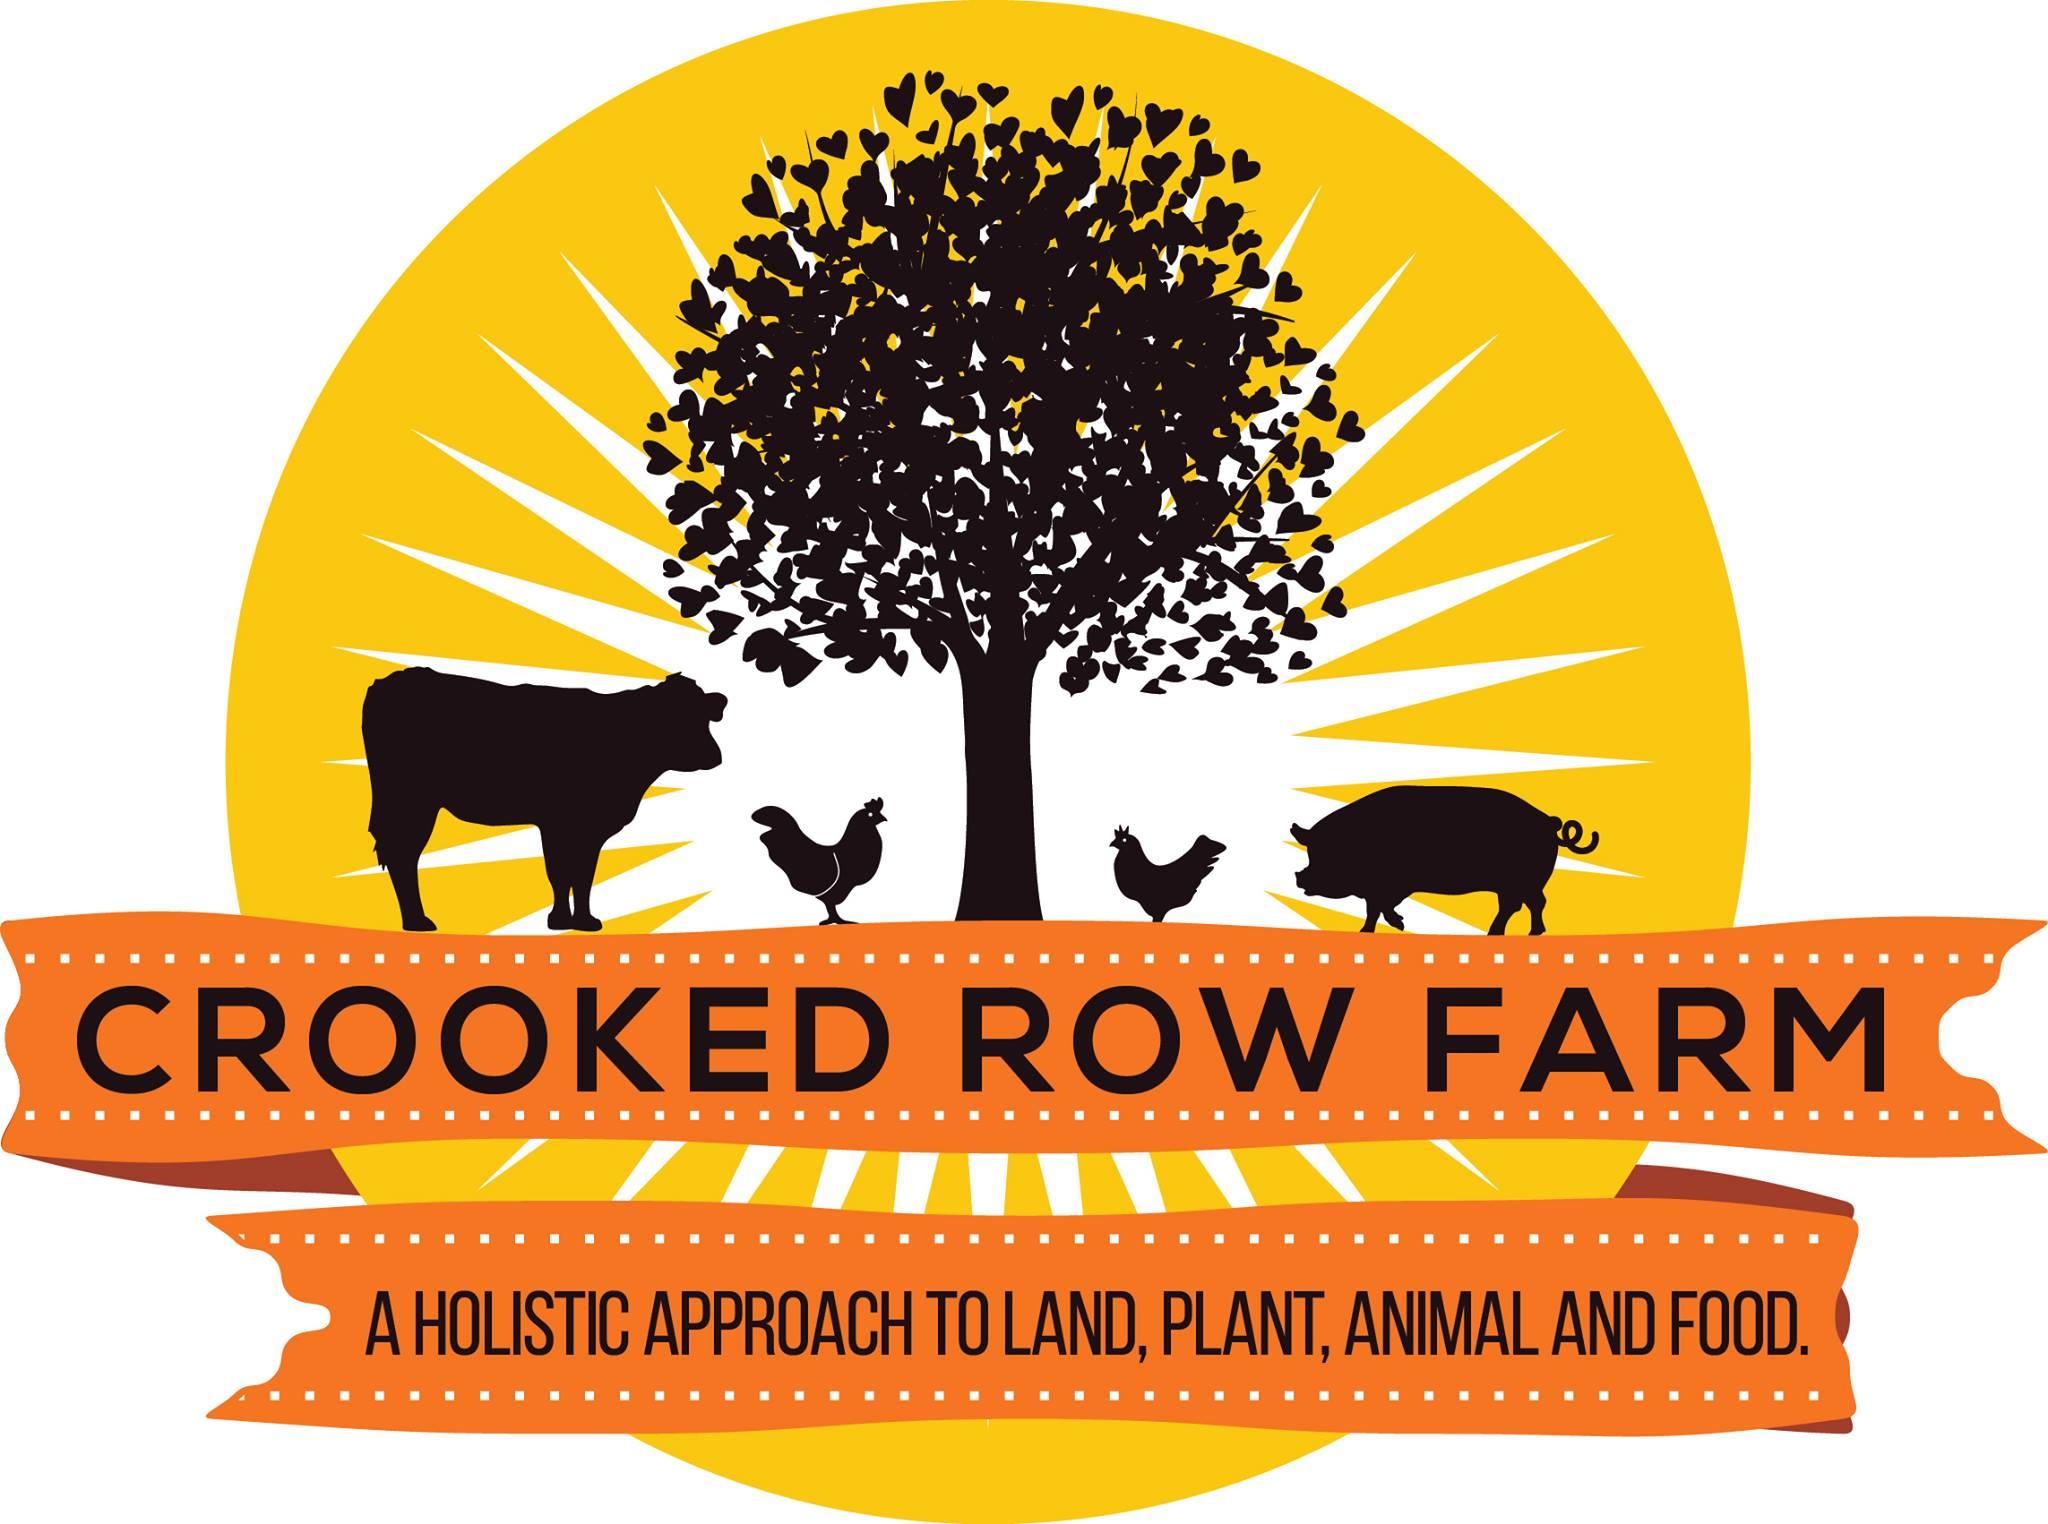 Crooked Row Farm